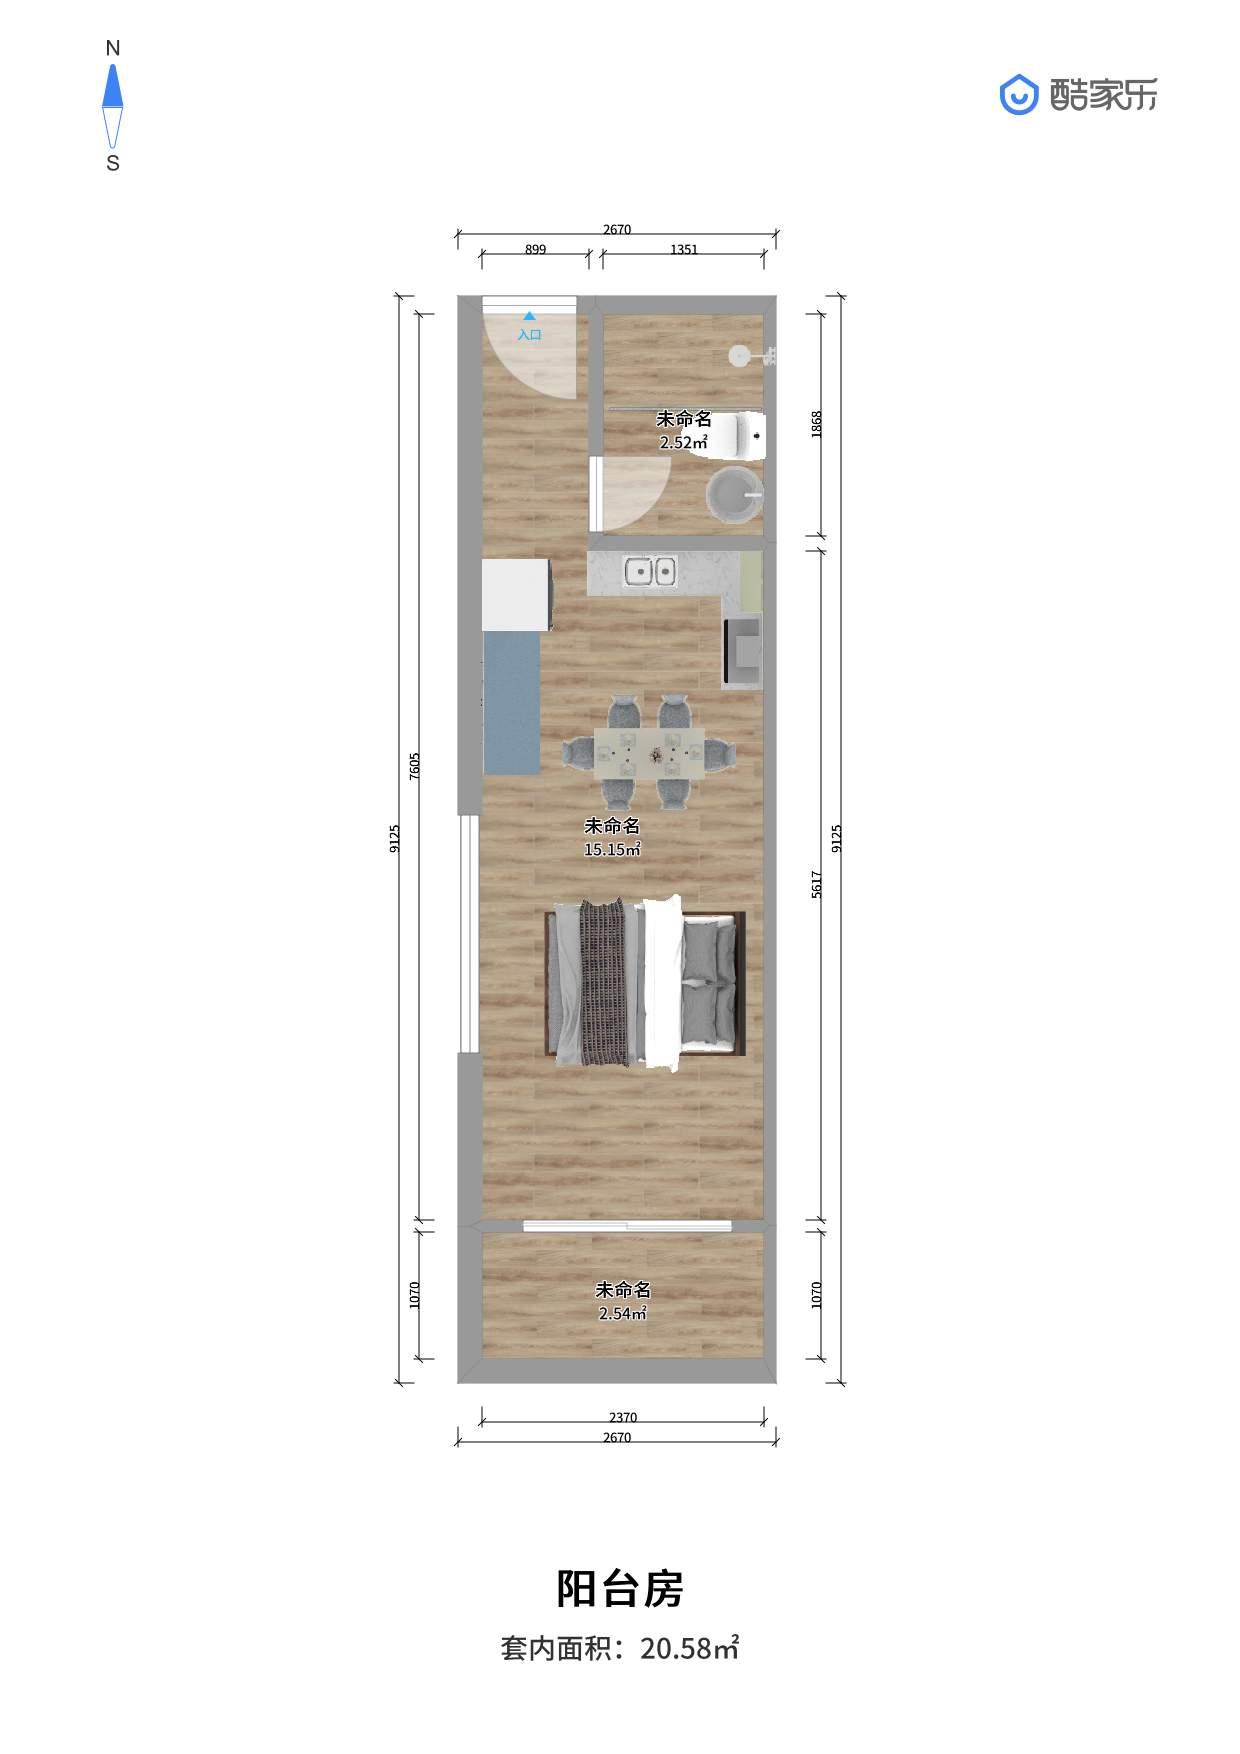 泊寓-国际会展中心社区